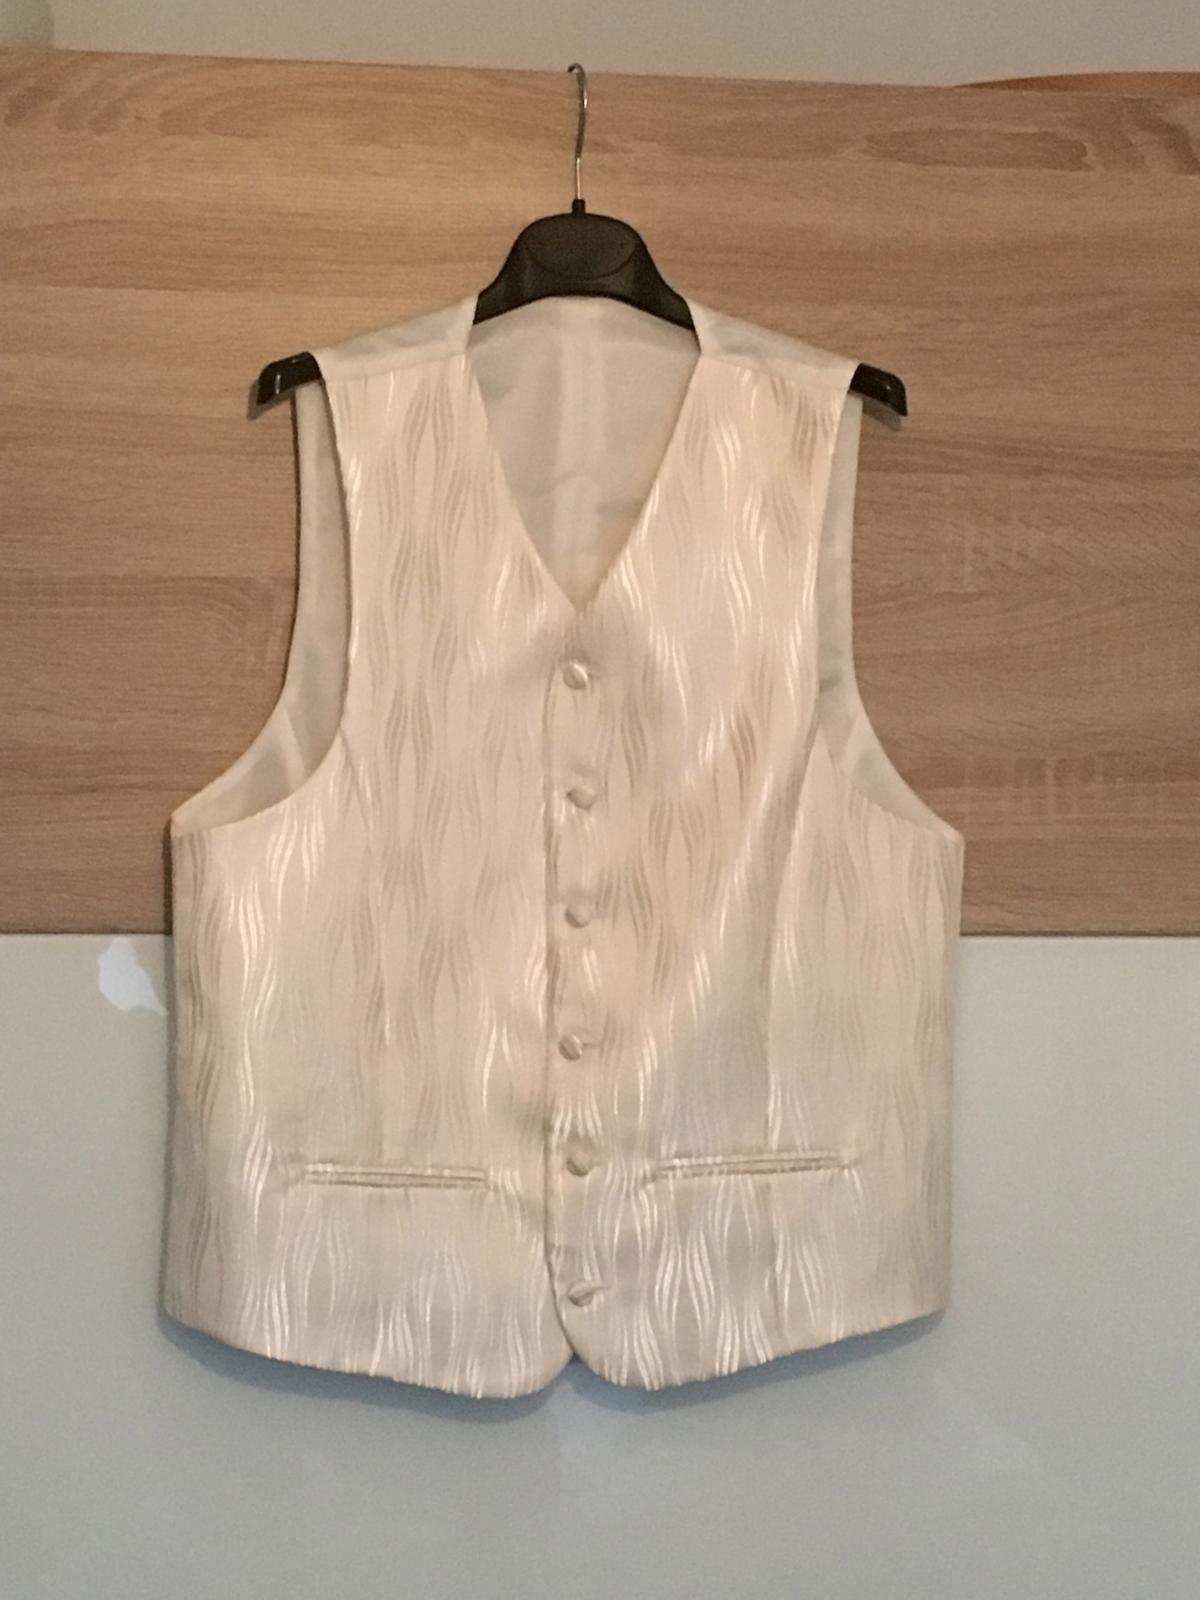 679ab7979 Svadobná vesta, kravata, vreckovka,veľkosť, 50 - 24 € | Svadobný bazár |  Mojasvadba.sk